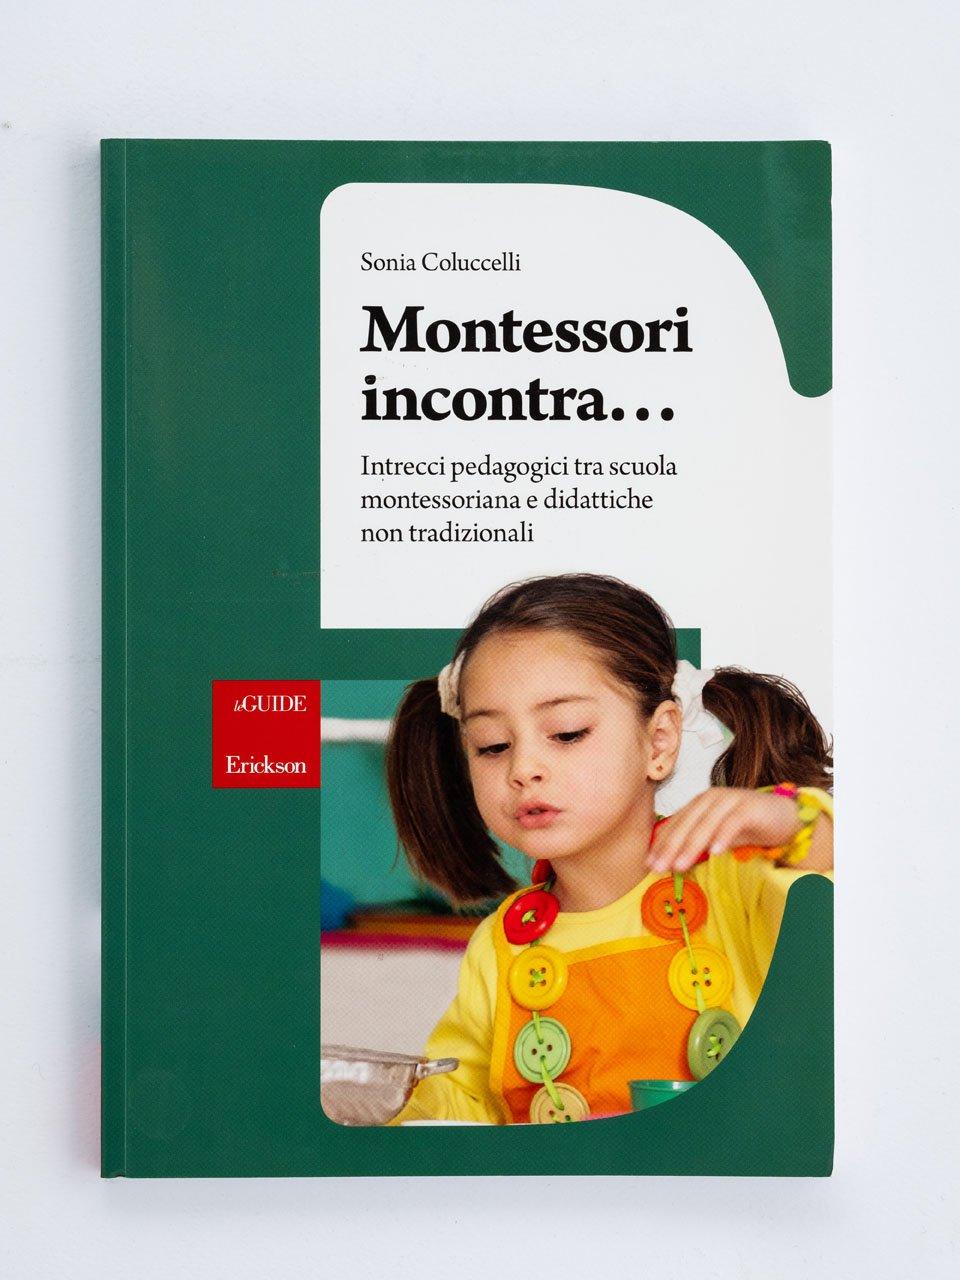 Montessori incontra... - Metodo Analogico Bortolato: libri per matematica e italiano - Erickson